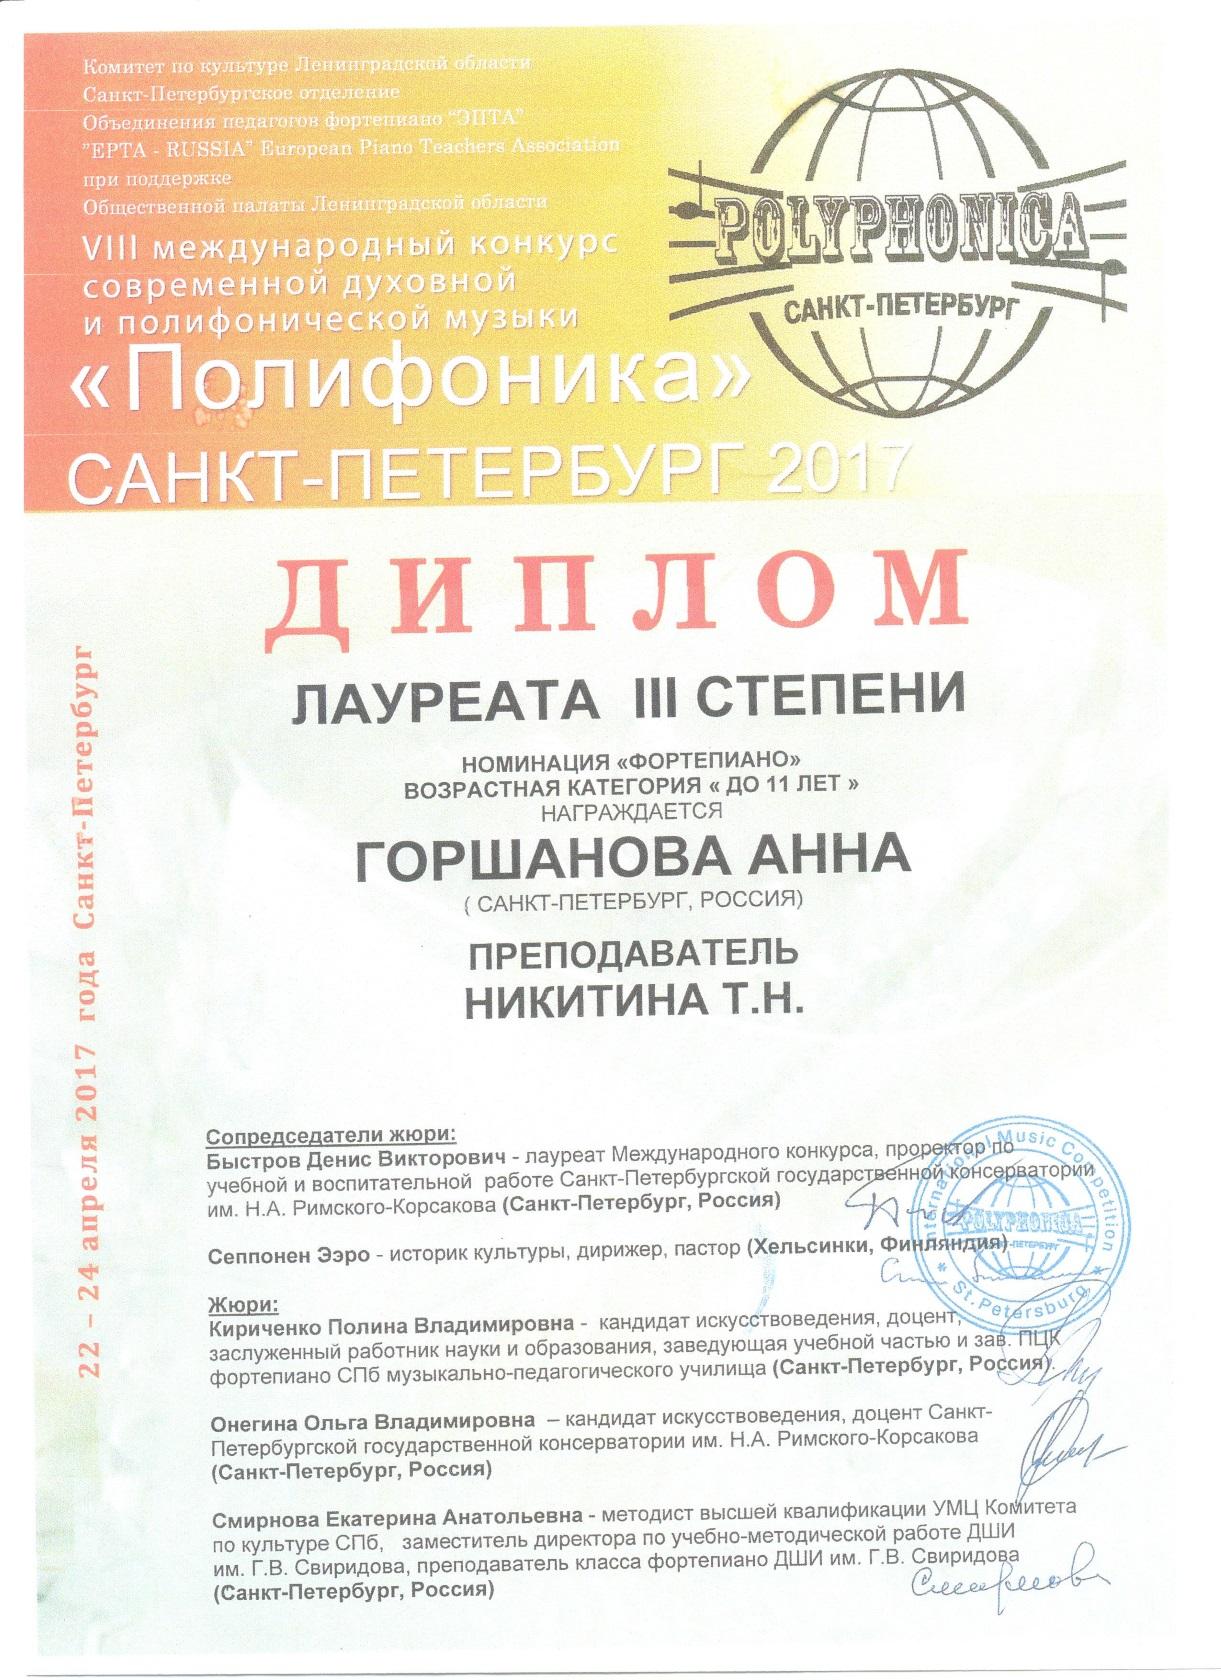 Комитет по культуре конкурсы спб